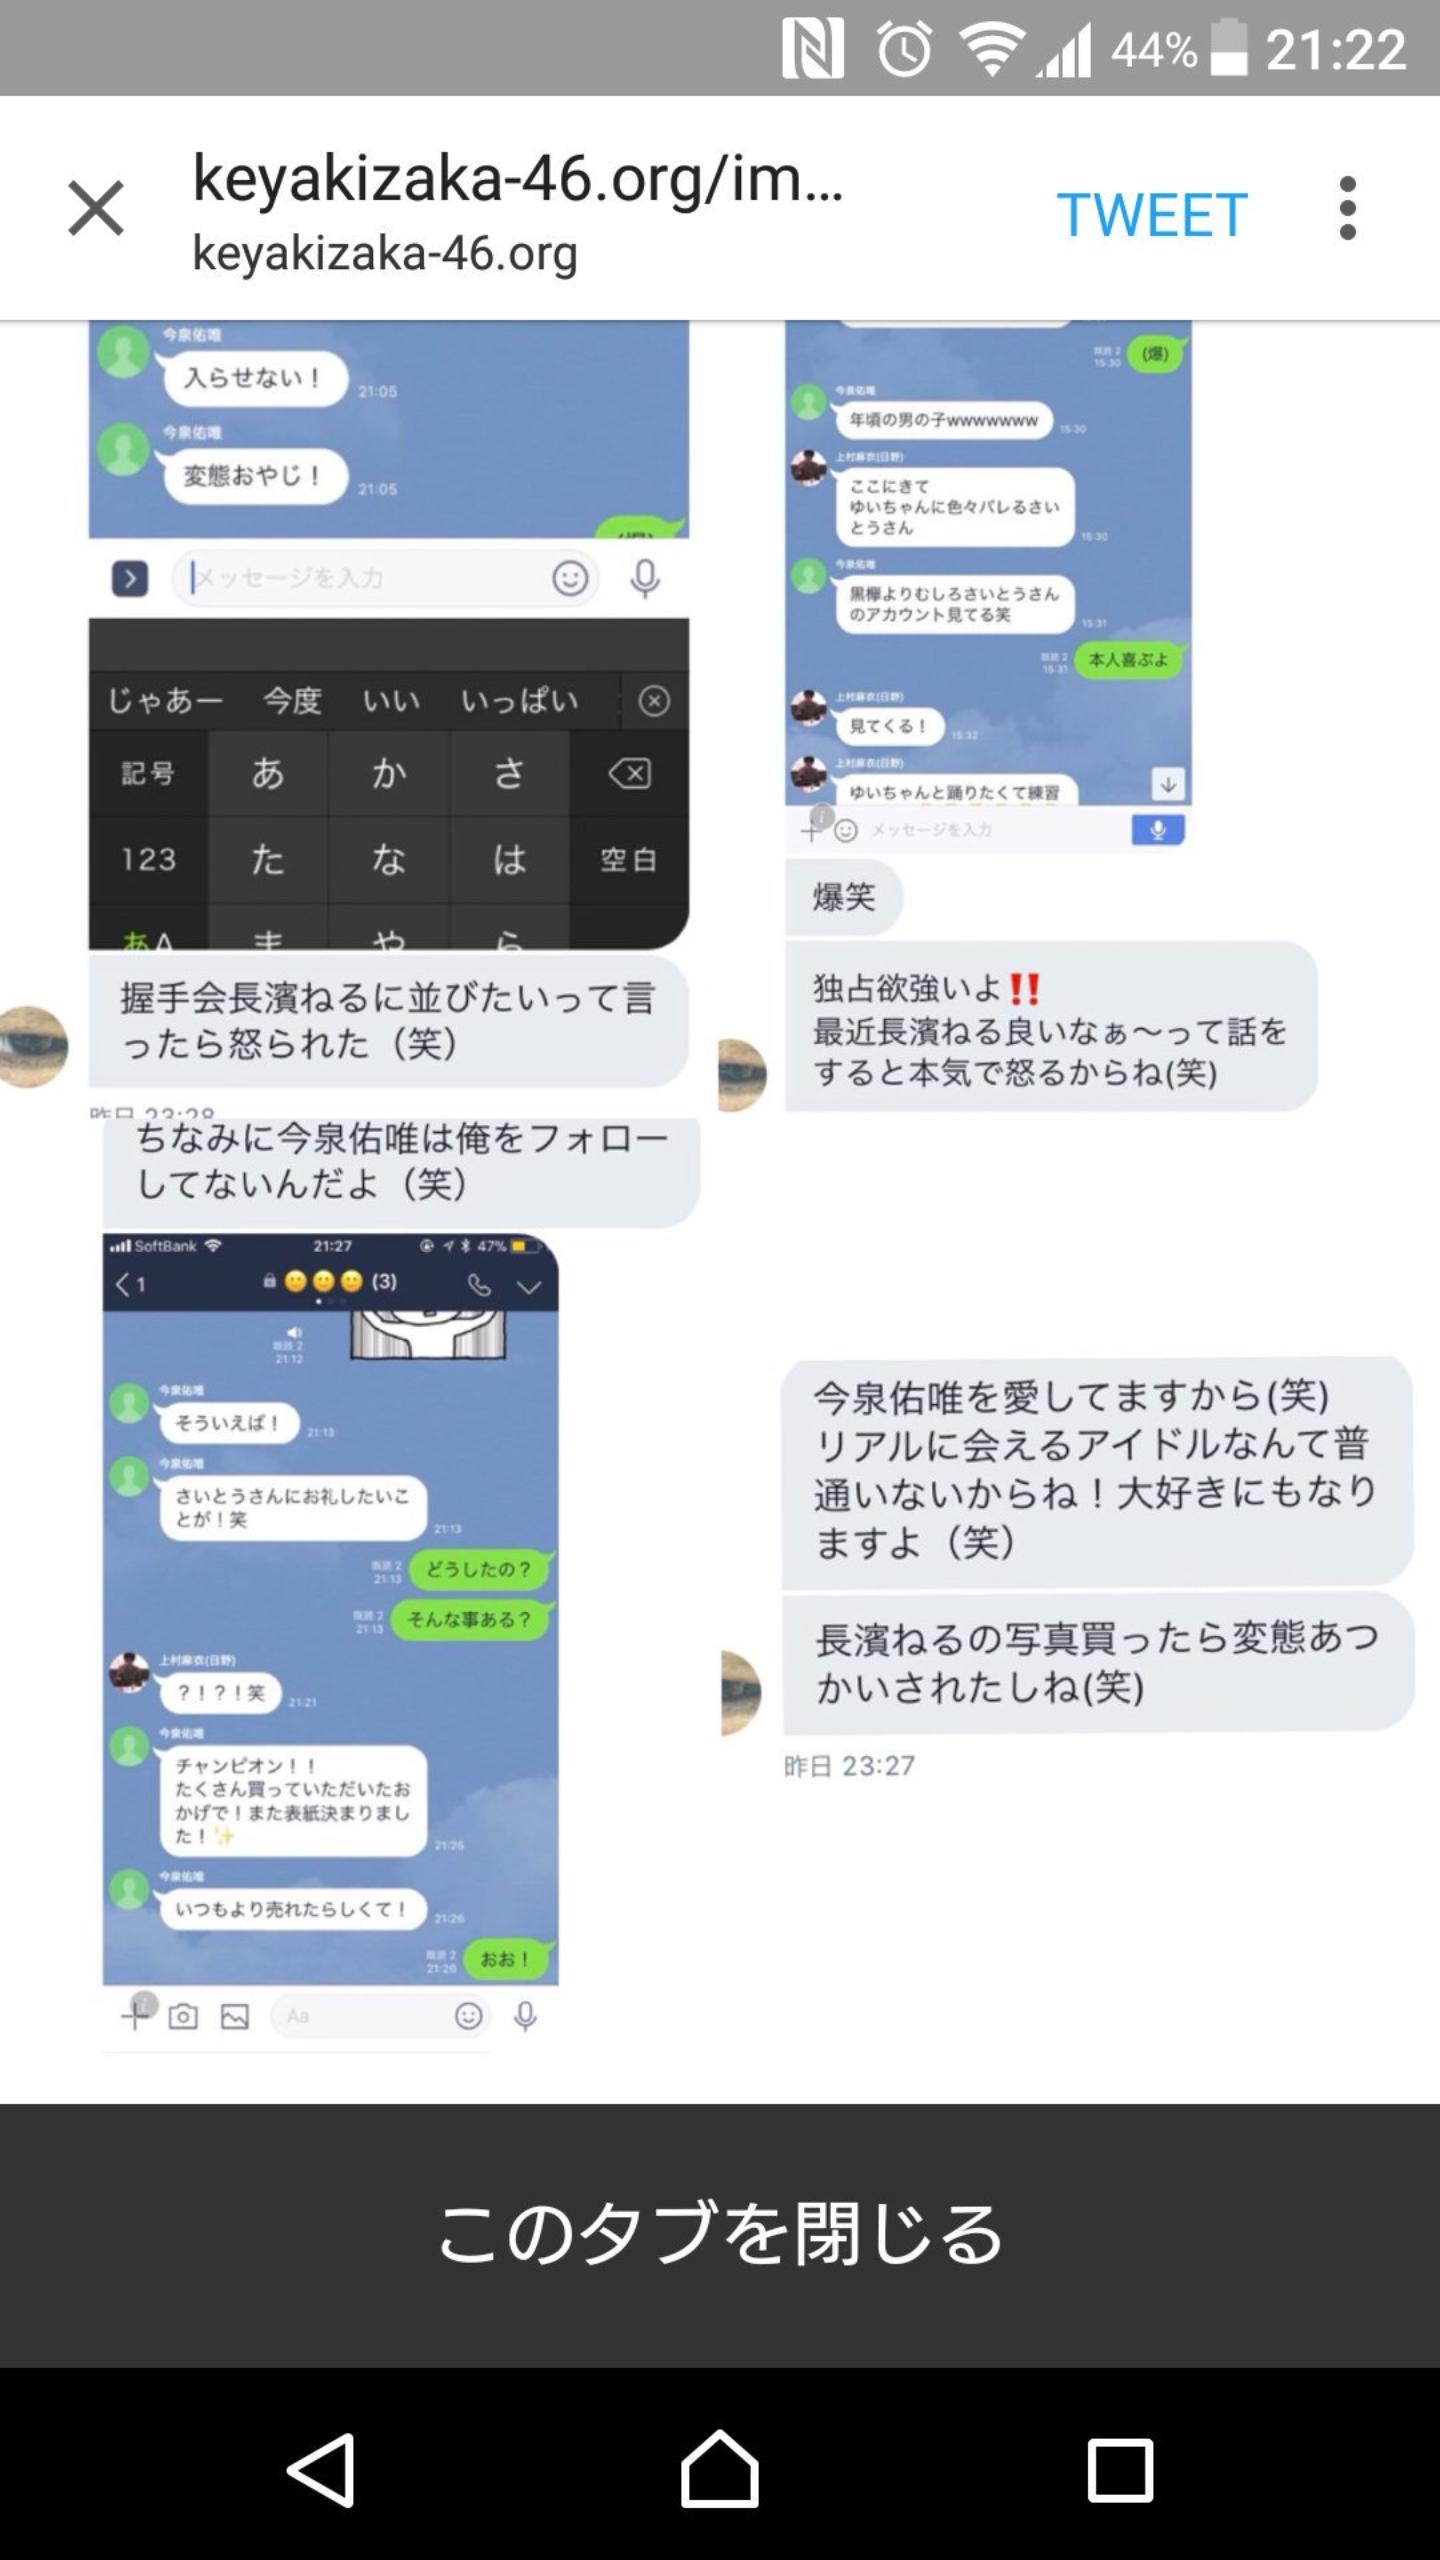 欅坂46今泉佑唯が卒業発表 ソロのタレント活動へ